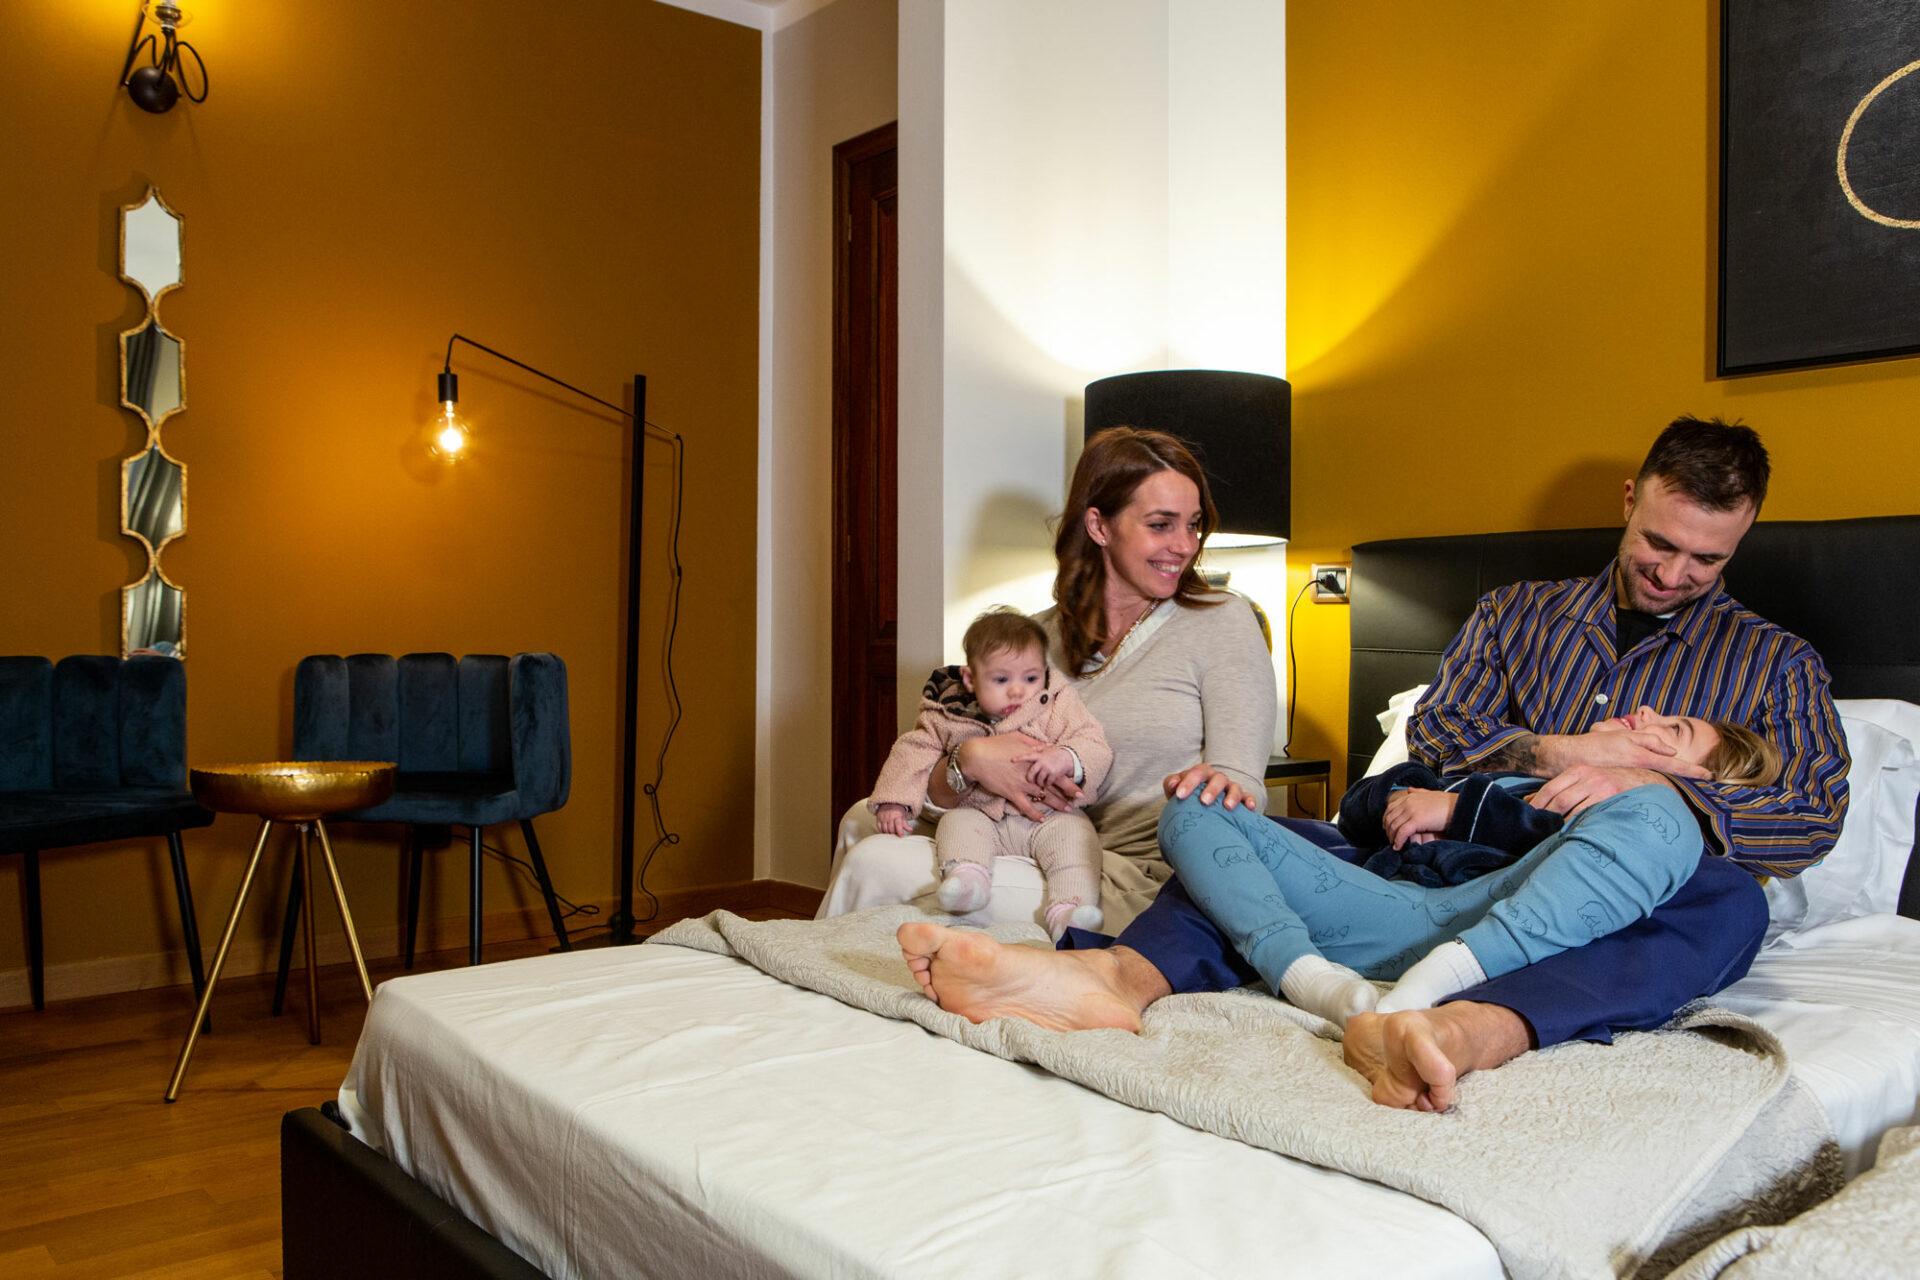 fotografia emozionale hotel per famiglie